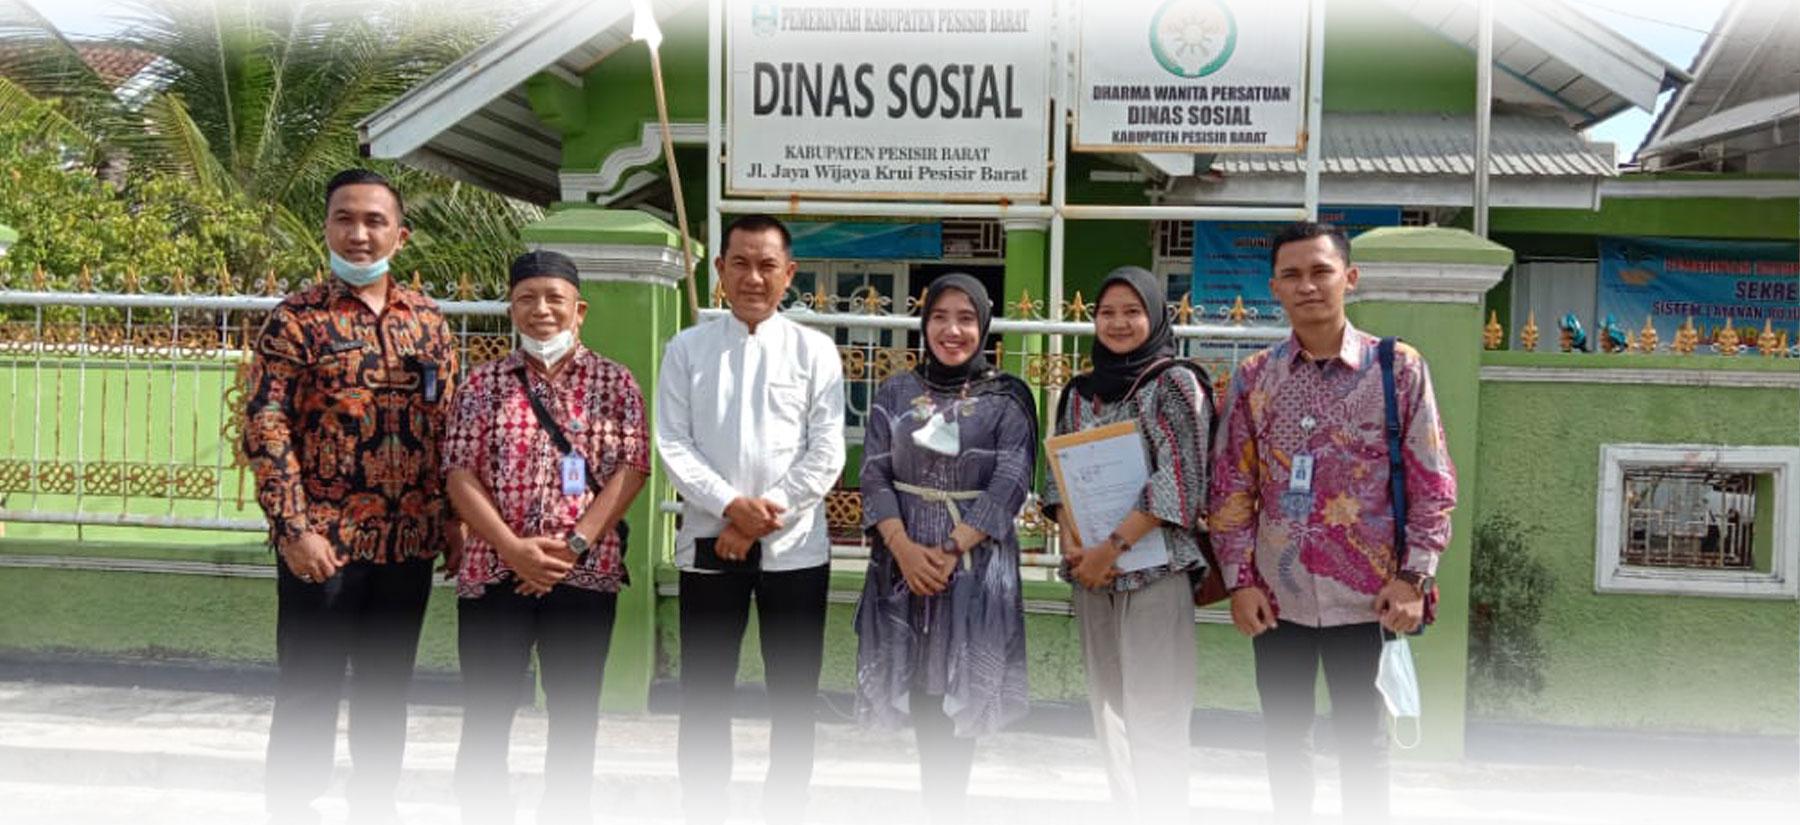 Kunjungan Kementerian Desa, Pembangunan Daerah Tertinggal, dan Transmigrasi ke Kabupaten Pesisir Barat